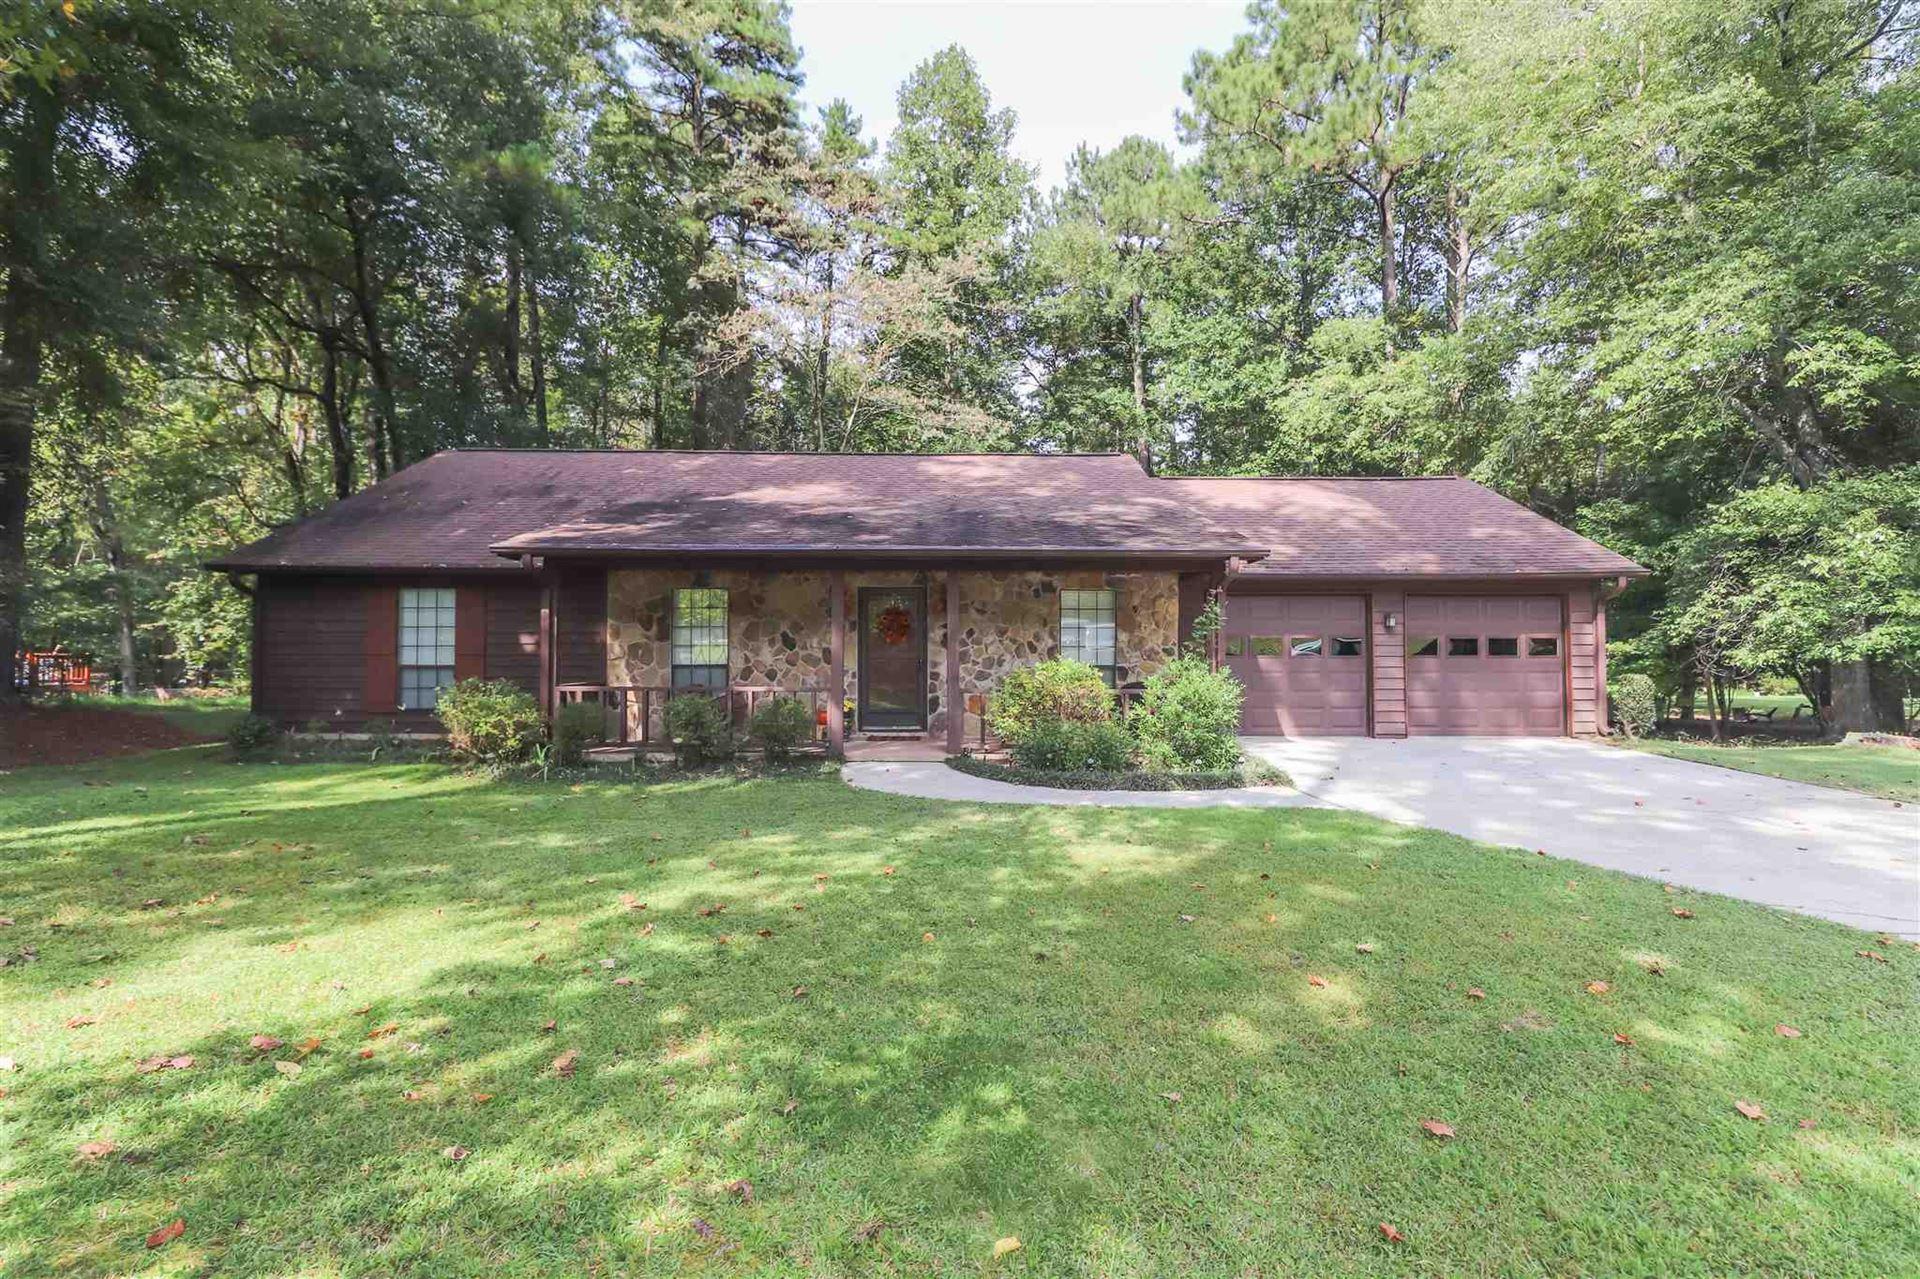 139 Carrollwood Dr, Fayetteville, GA 30215 - MLS#: 8868931